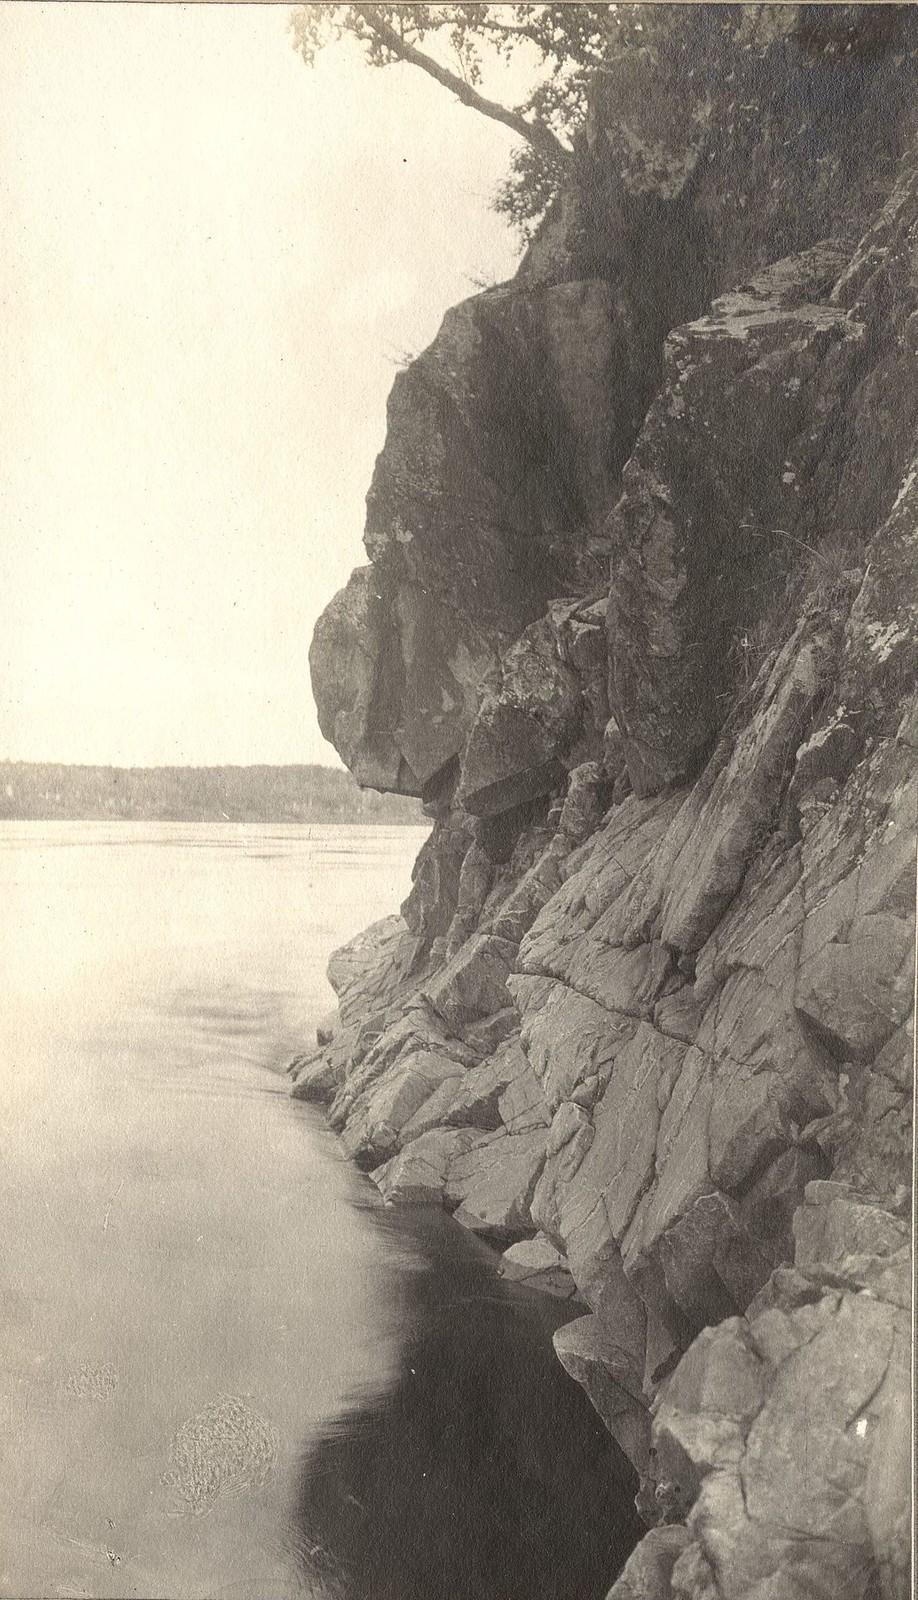 Вид участка скалистого правого берега реки Зеи.